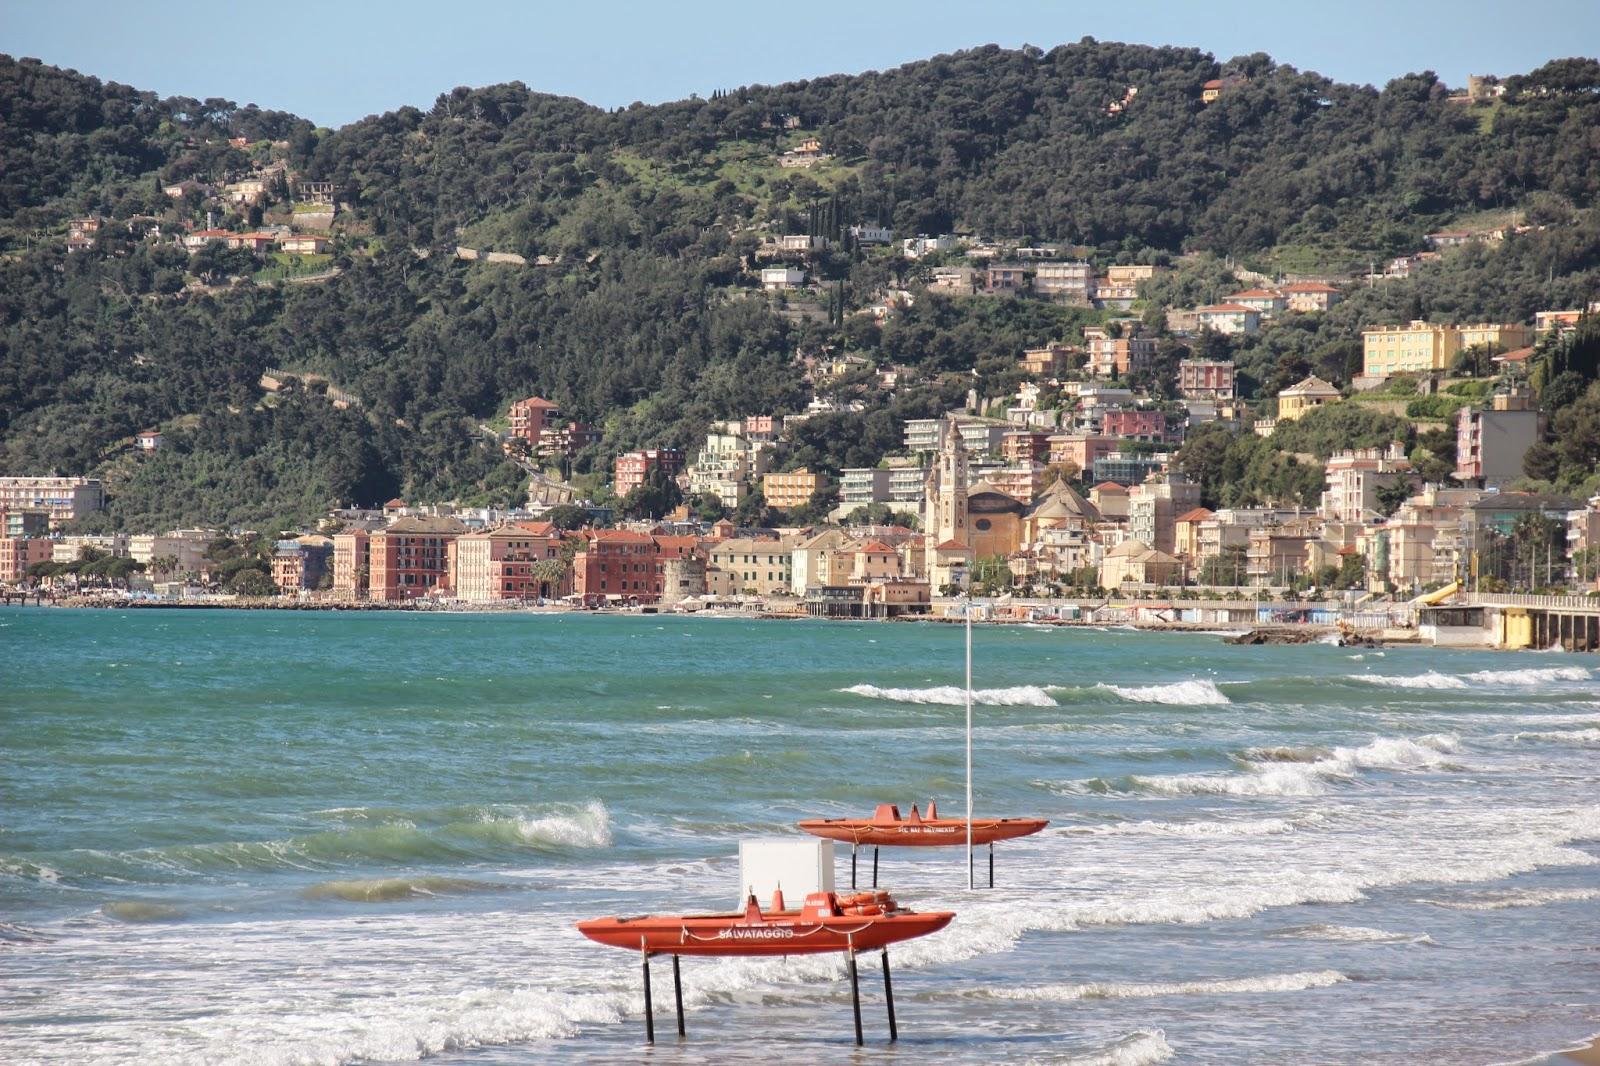 www.italiaansebloemenriviera.nl (bekijk het grootste aanbod hotels, vakantiehuizen, campings, vliegtickets, autoverhuurders)